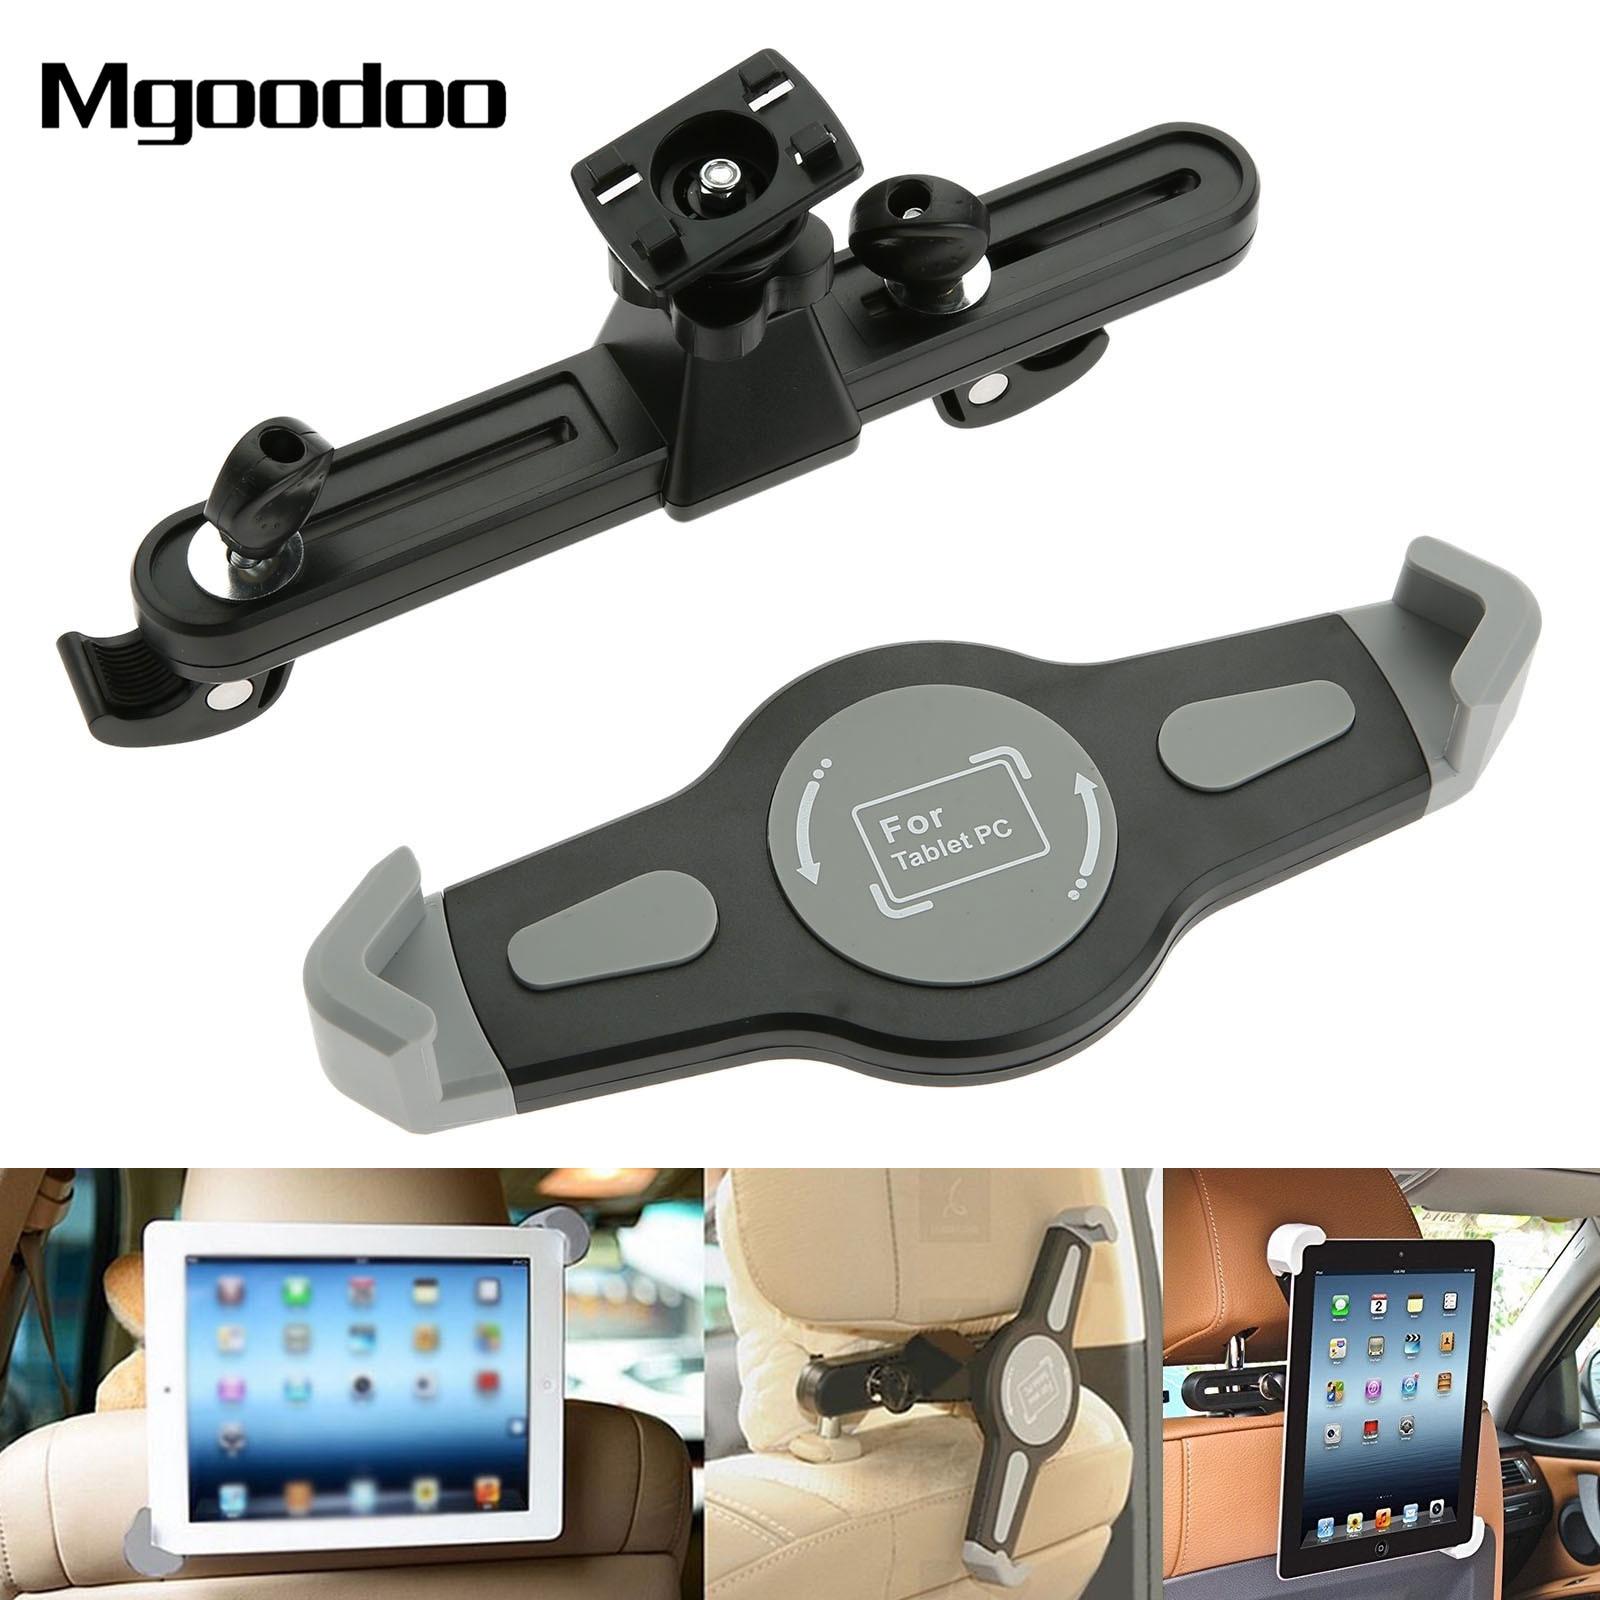 360 Grad Auto Kopfstütze Halter Rücksitz Halterung Für 7-10 Zoll Tabletten Ipad Air Mini Für Samsung Kindle Feuer Hdx QualitäT Und QuantitäT Gesichert